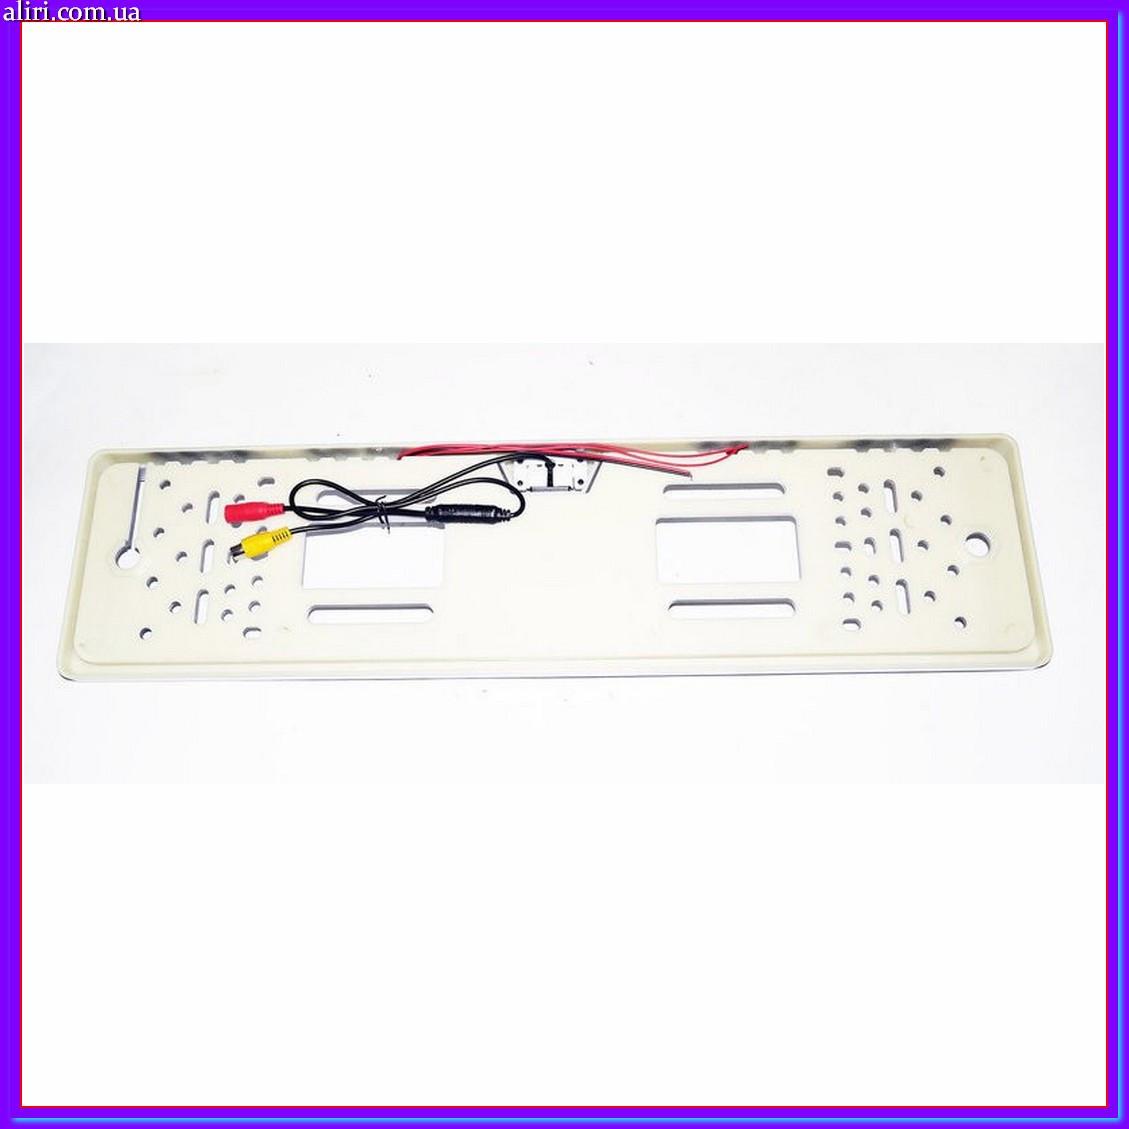 Камера заднего вида в рамке автомобильного номера с LED подсветкой Серая